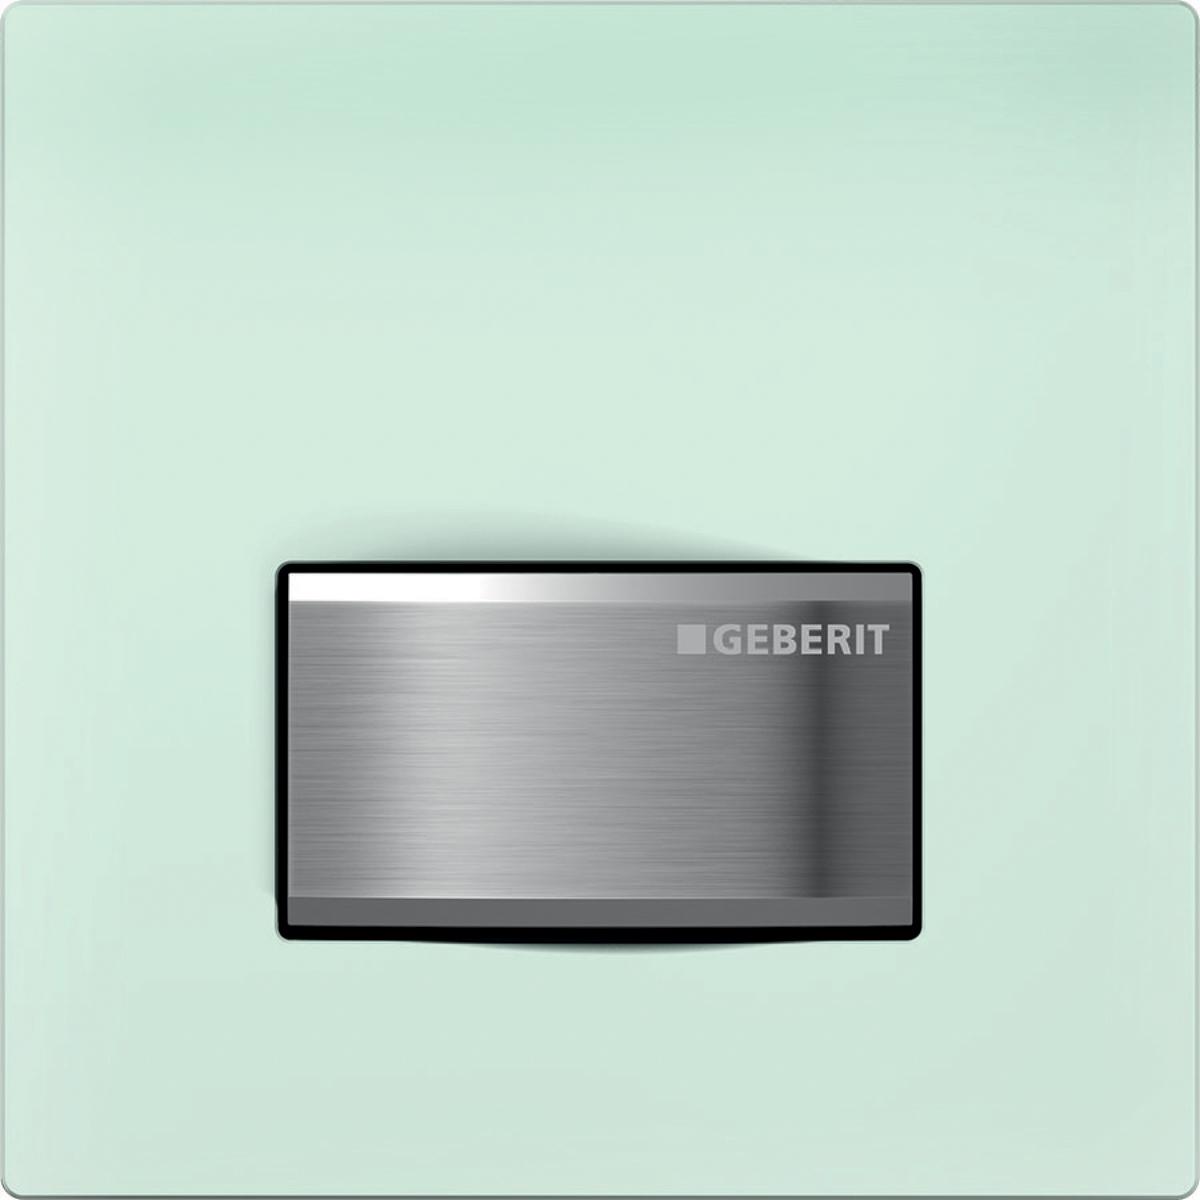 купить GEBERIT Sigma 50 116.016.SE.5  (130x130мм)